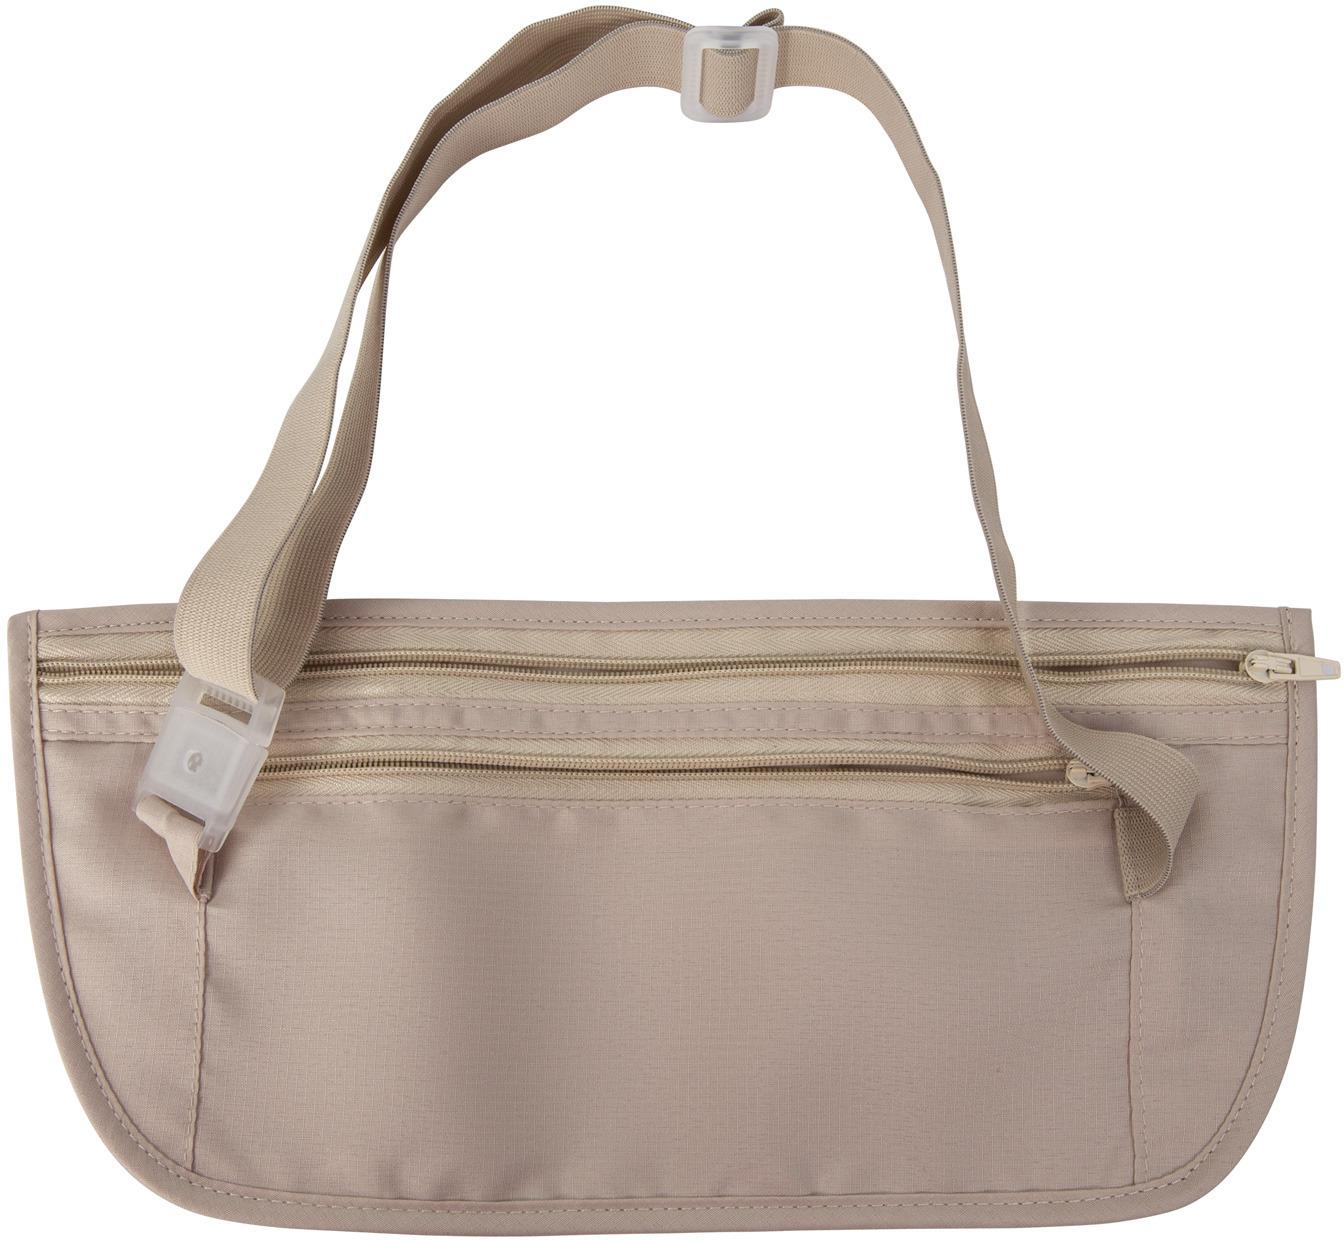 Longchamp Laukut Verkkokauppa : Feru destination rahavy? beige matkailutarvikkeet